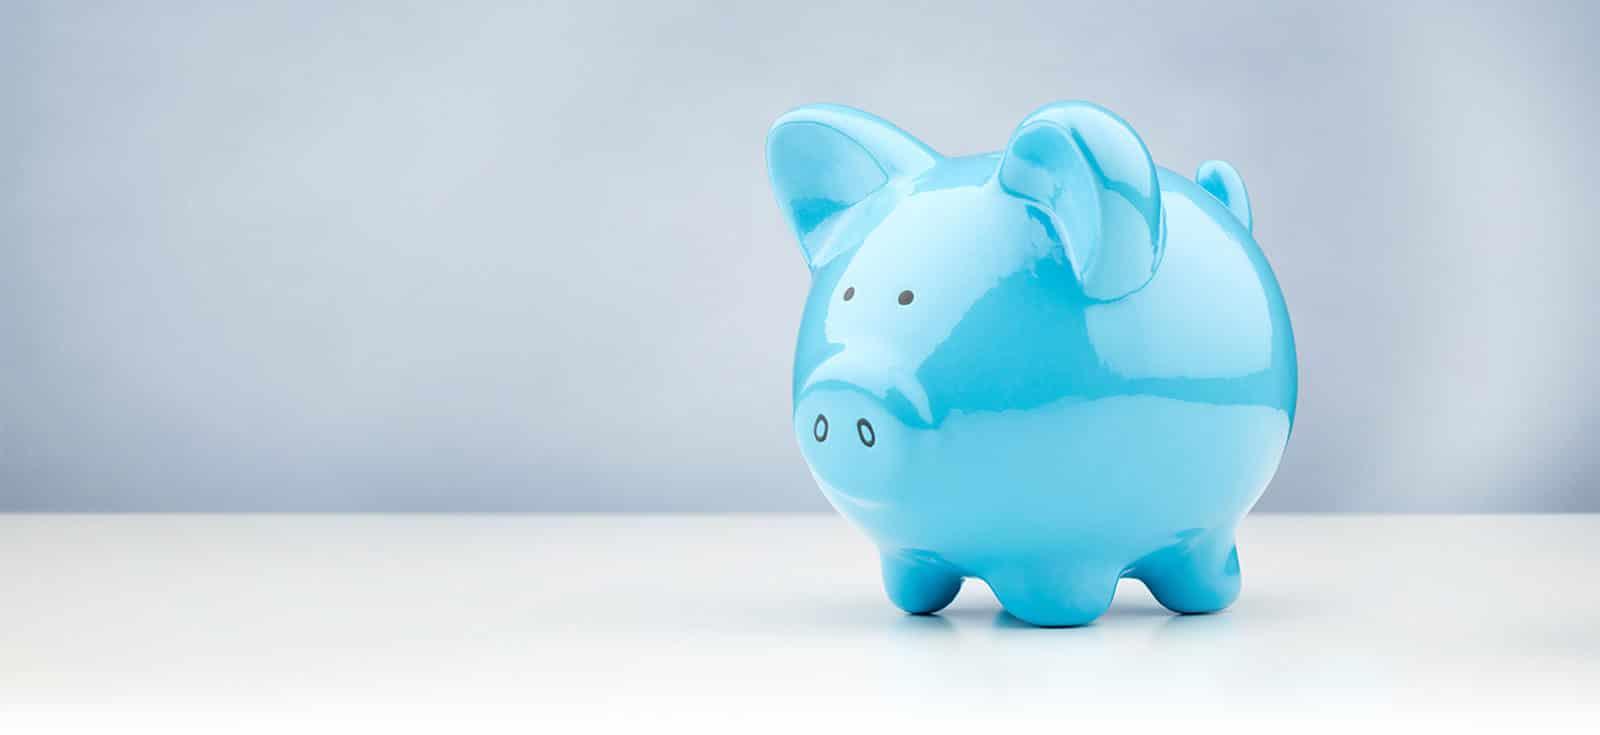 Edmonton Chartered Professional Accountants